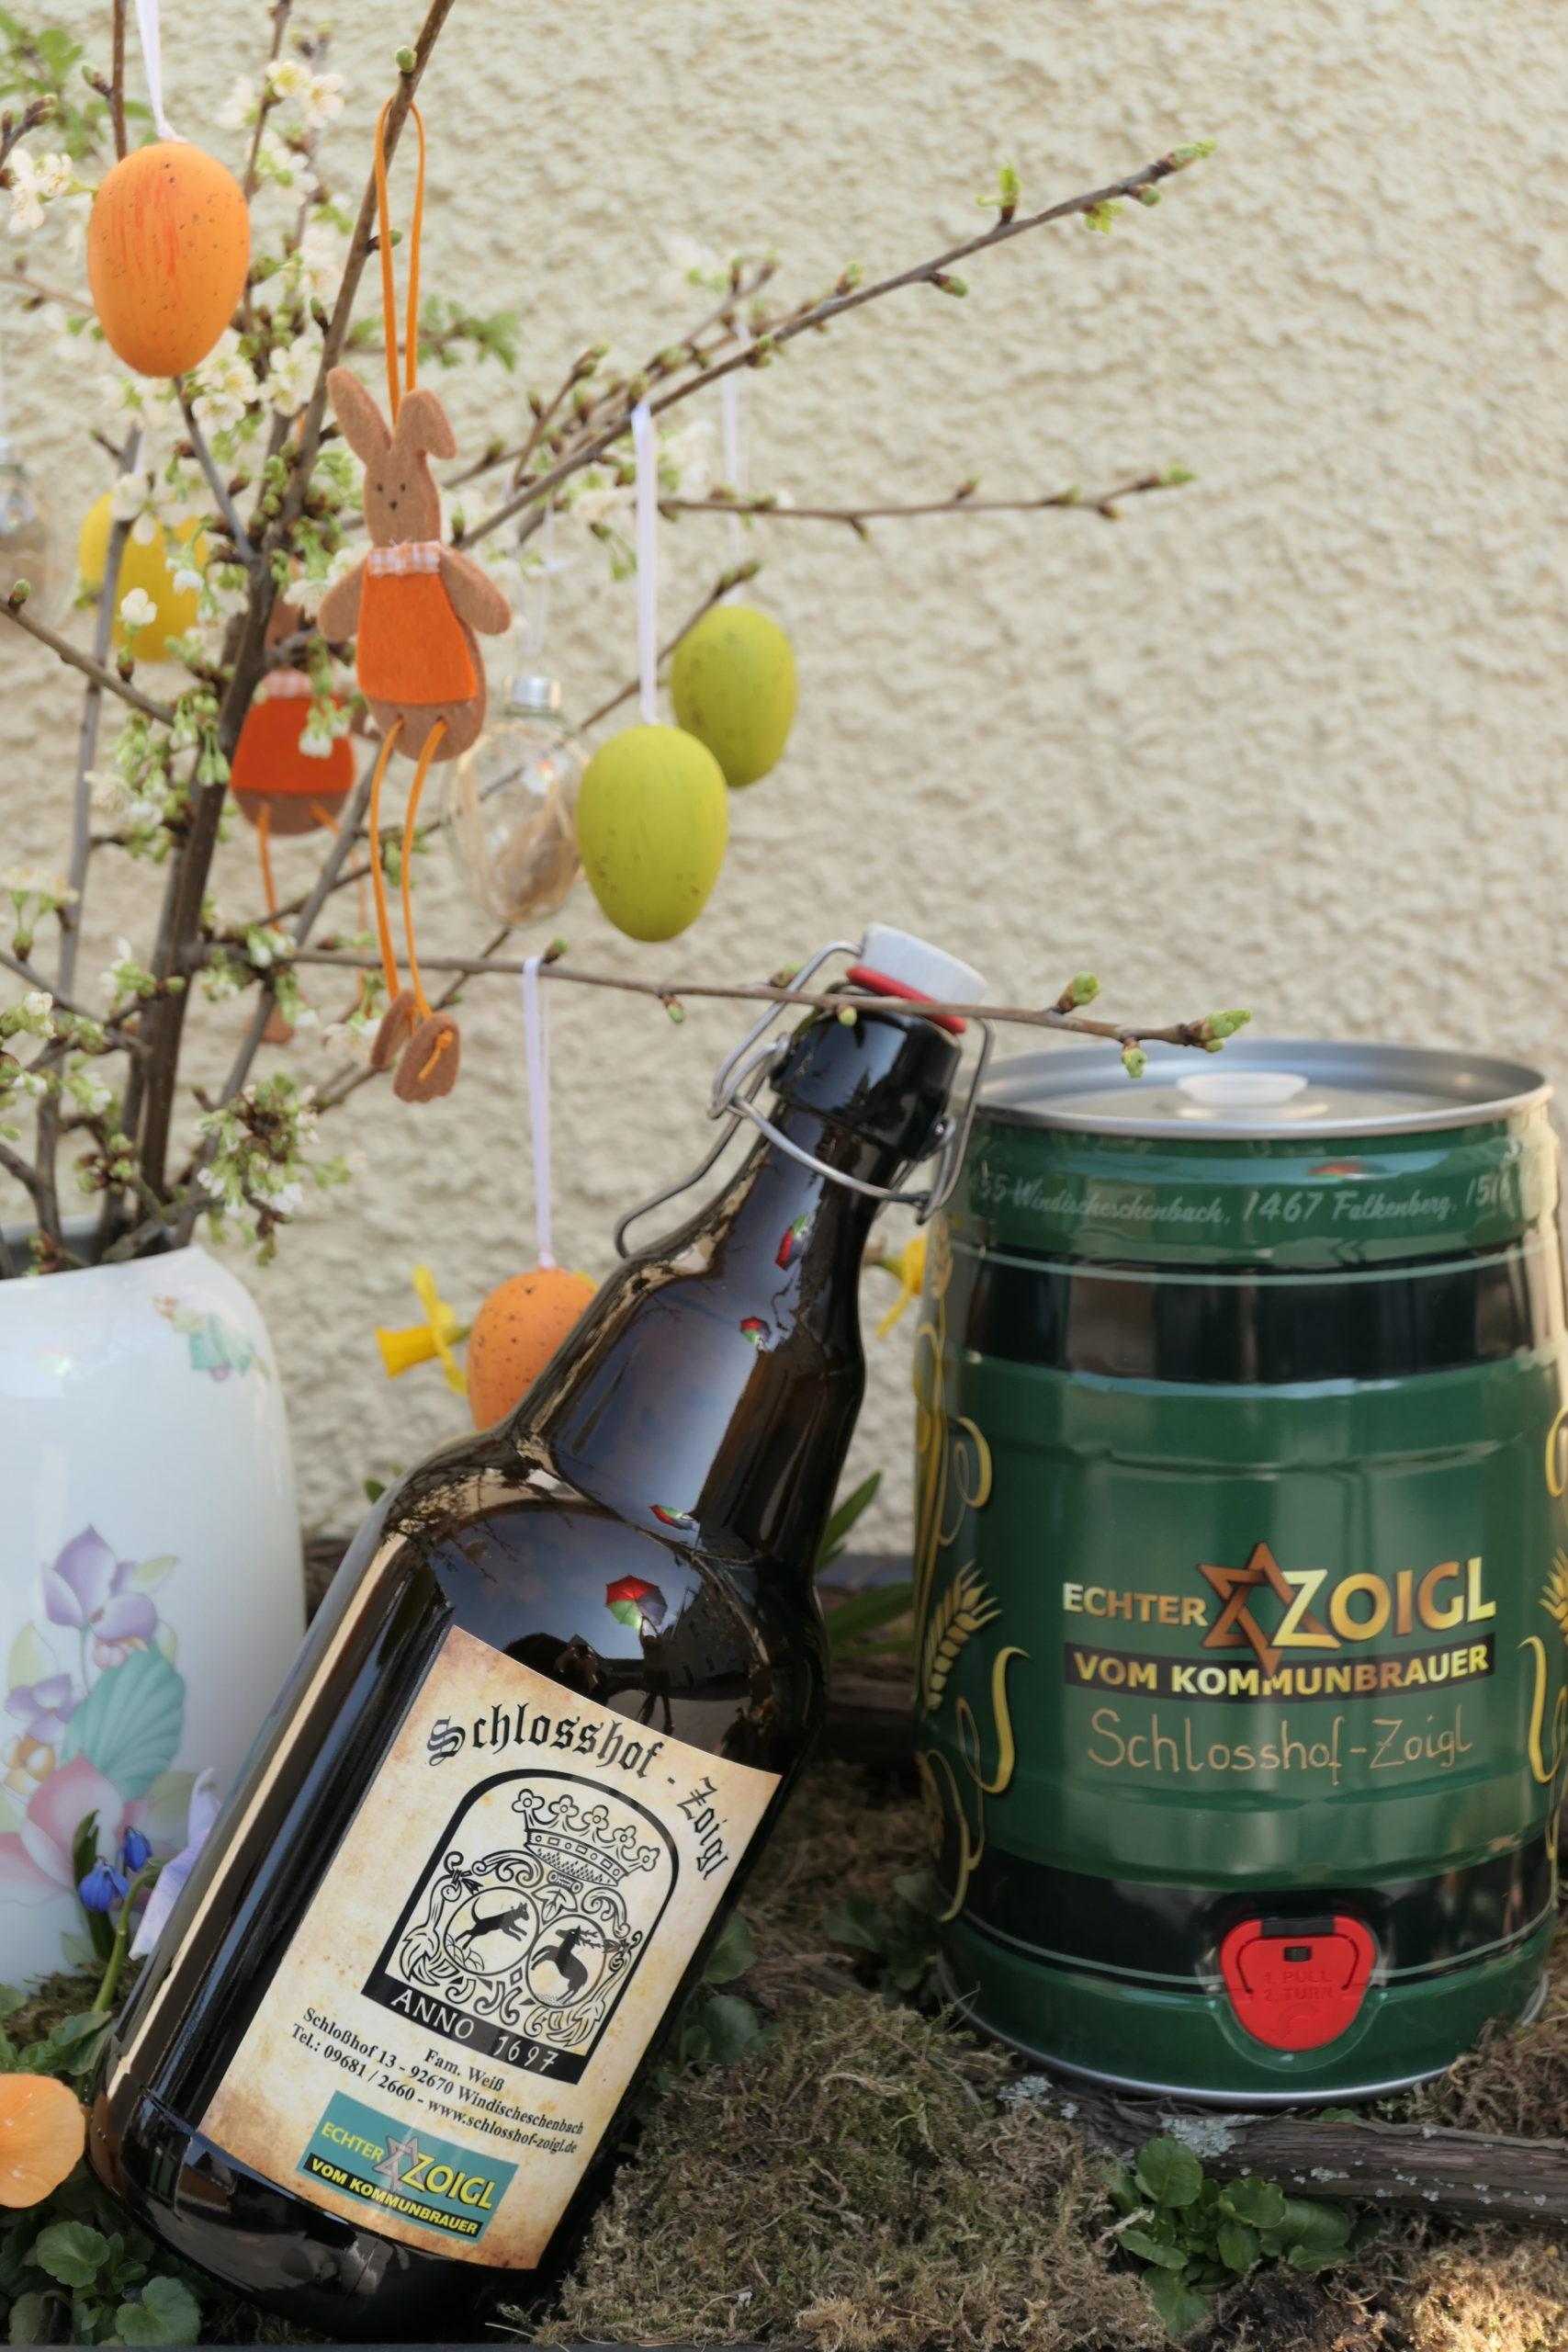 Schlosshof-Zoigl-Geschenkflasche-und-Faß